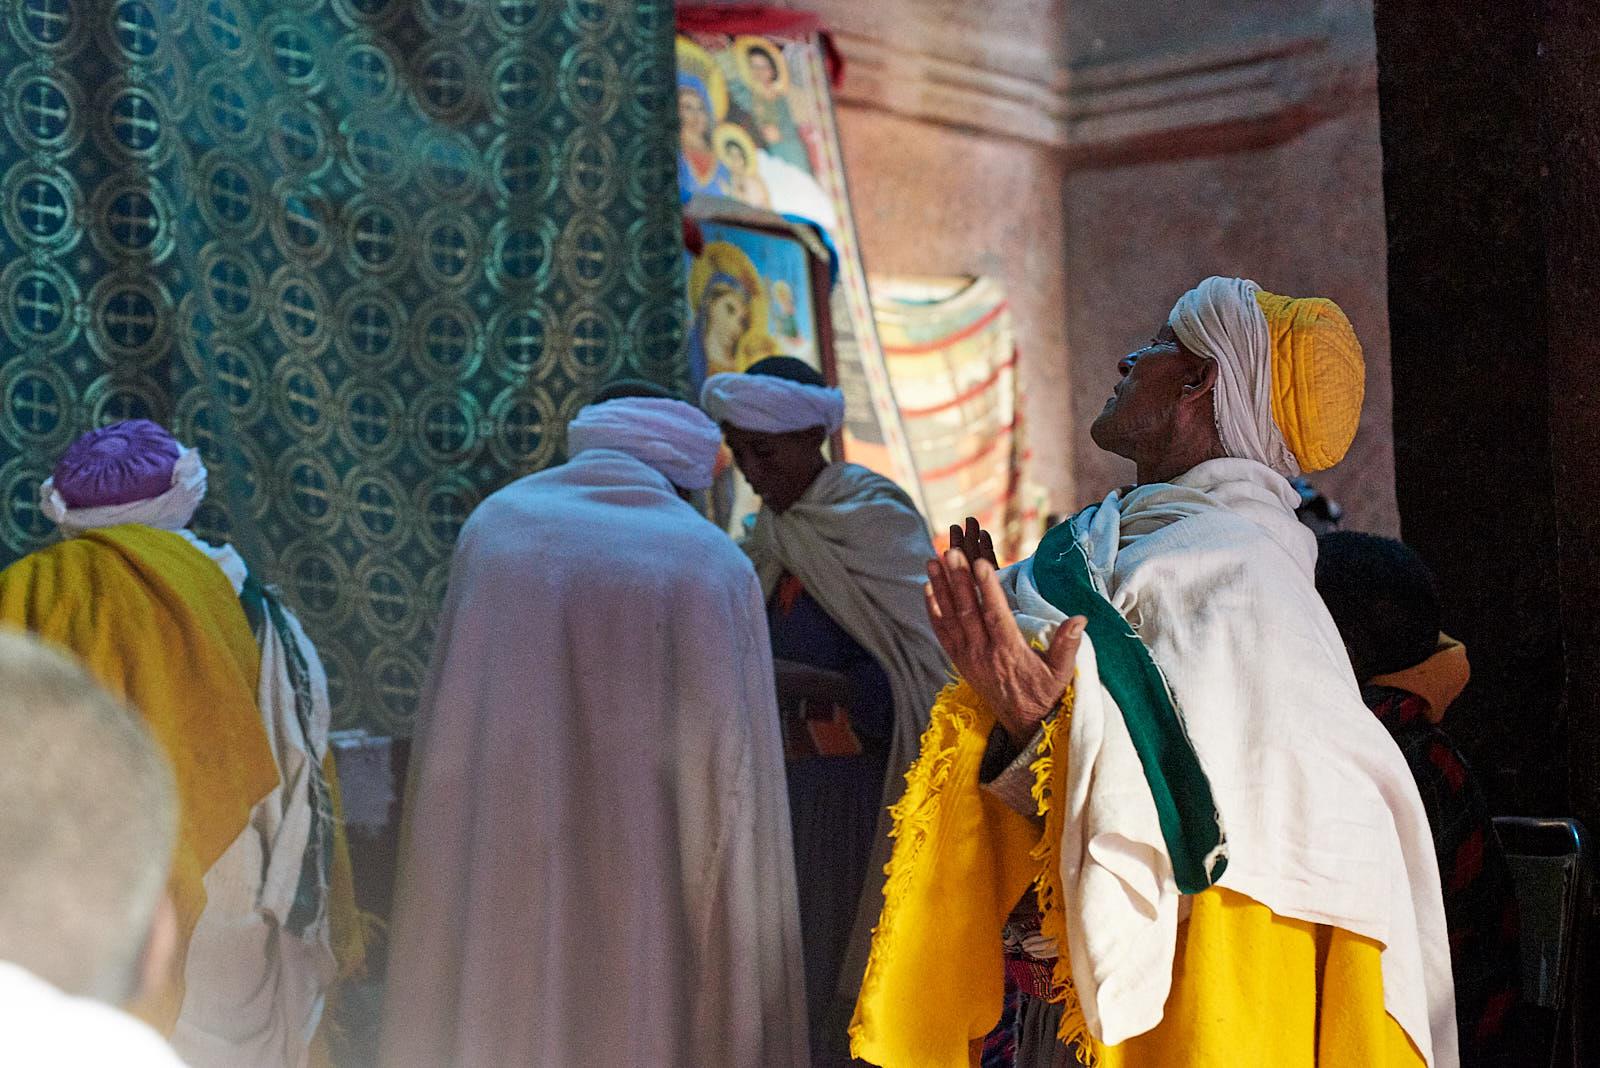 Ethiopian Orthodox pilgrims worshiping inside the Church of Saint George, Lalibela, Ethiopia.